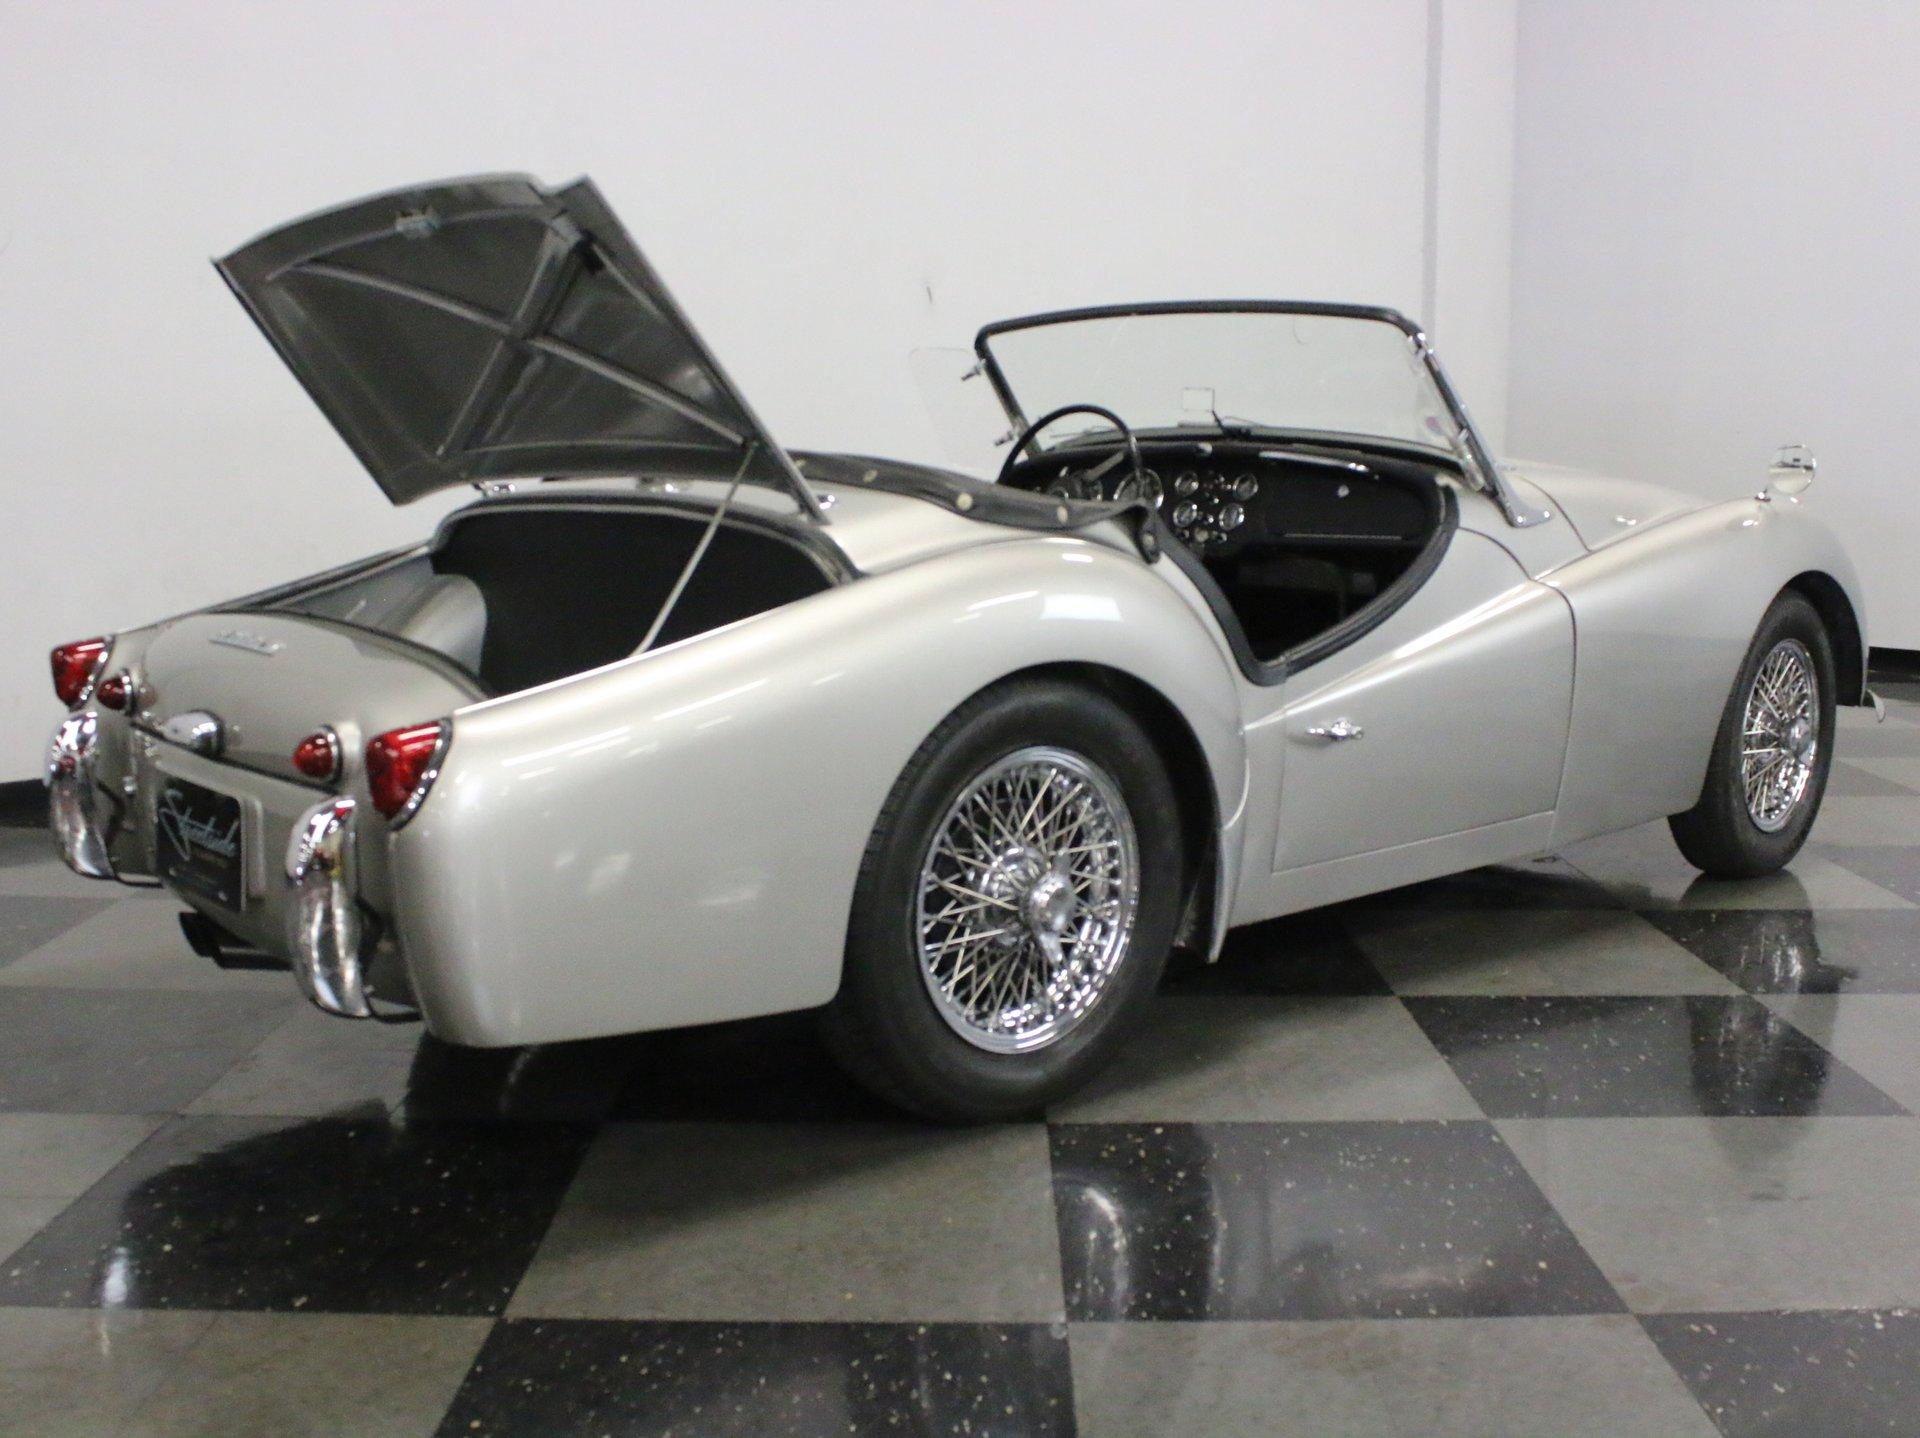 1959 Triumph TR3 | Streetside Classics - The Nation's